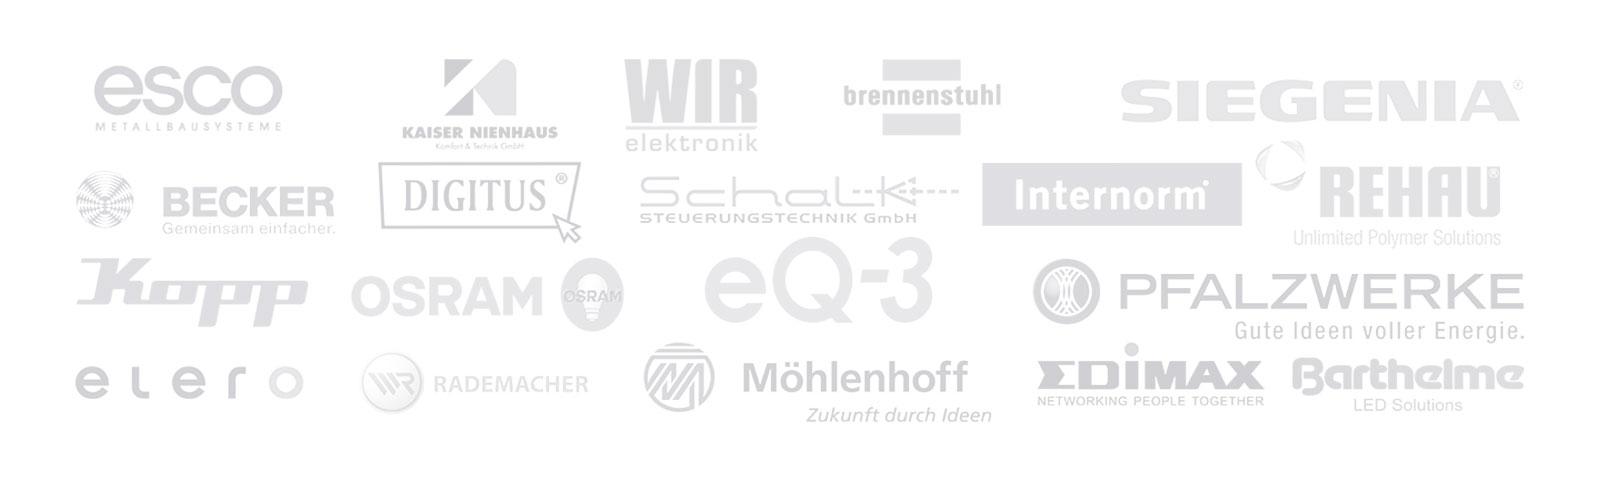 logos bb